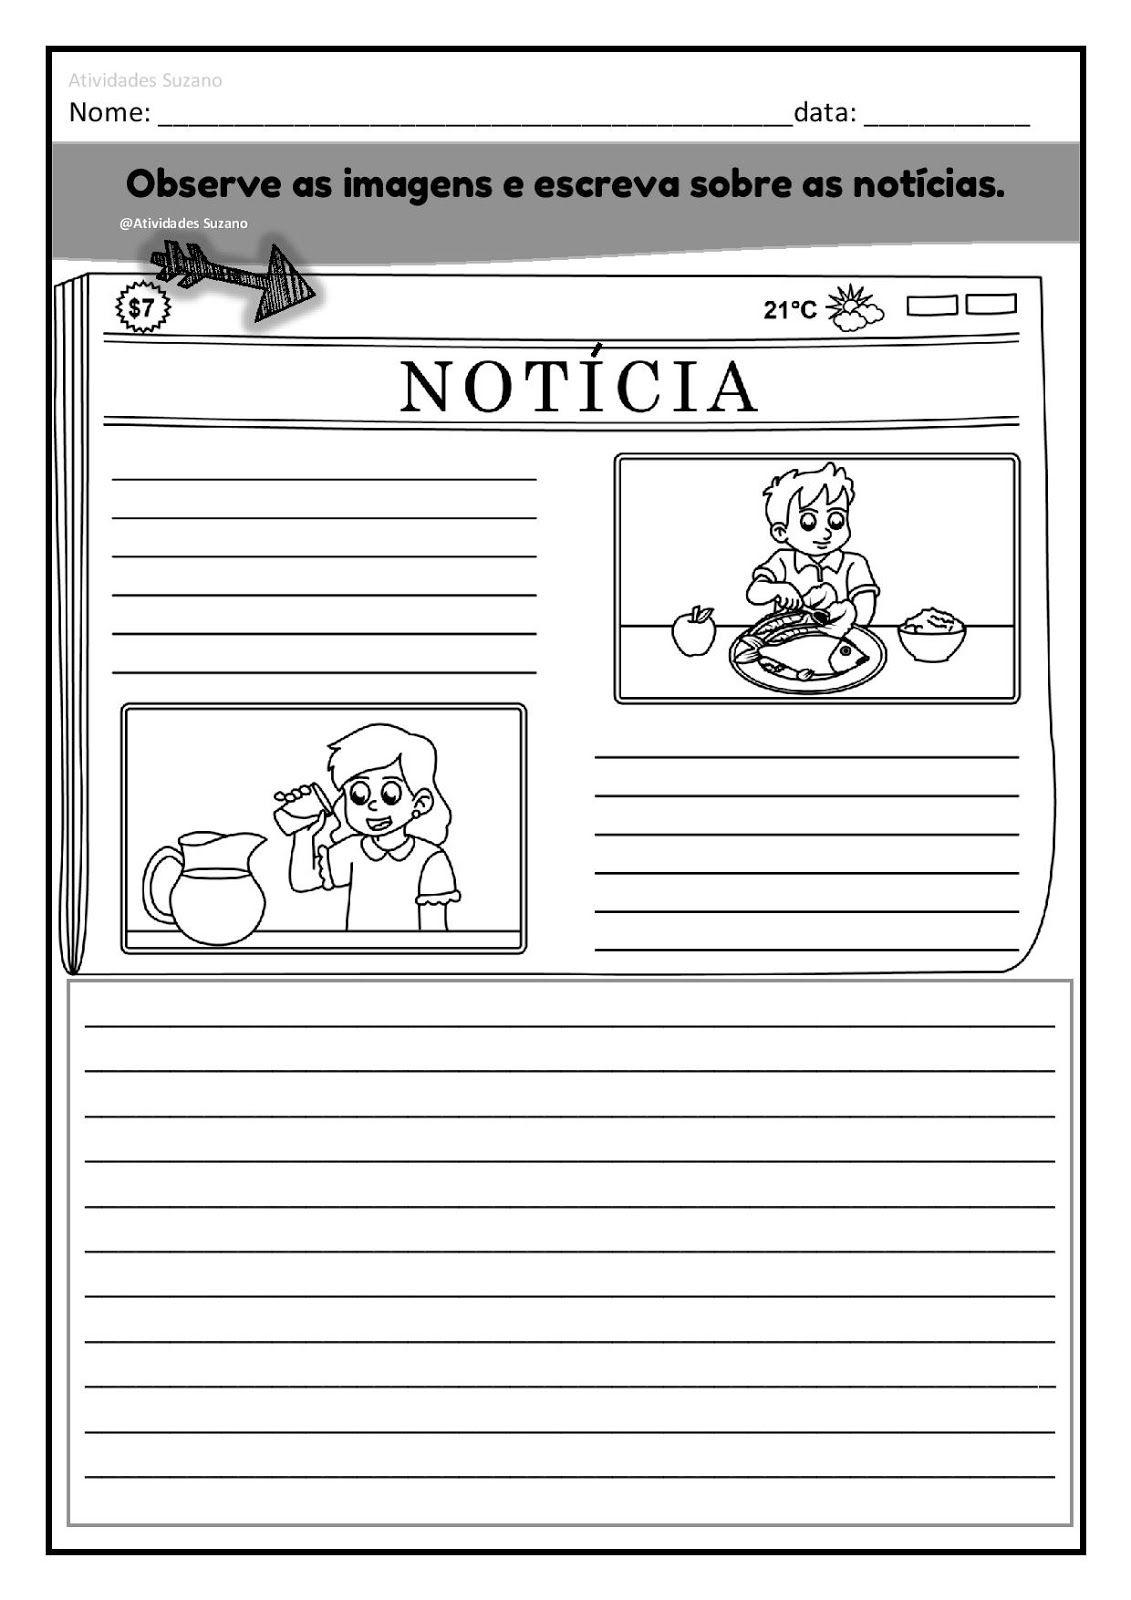 Producao De Texto Em Pdf Noticia E Imagens Atividades De Escrita